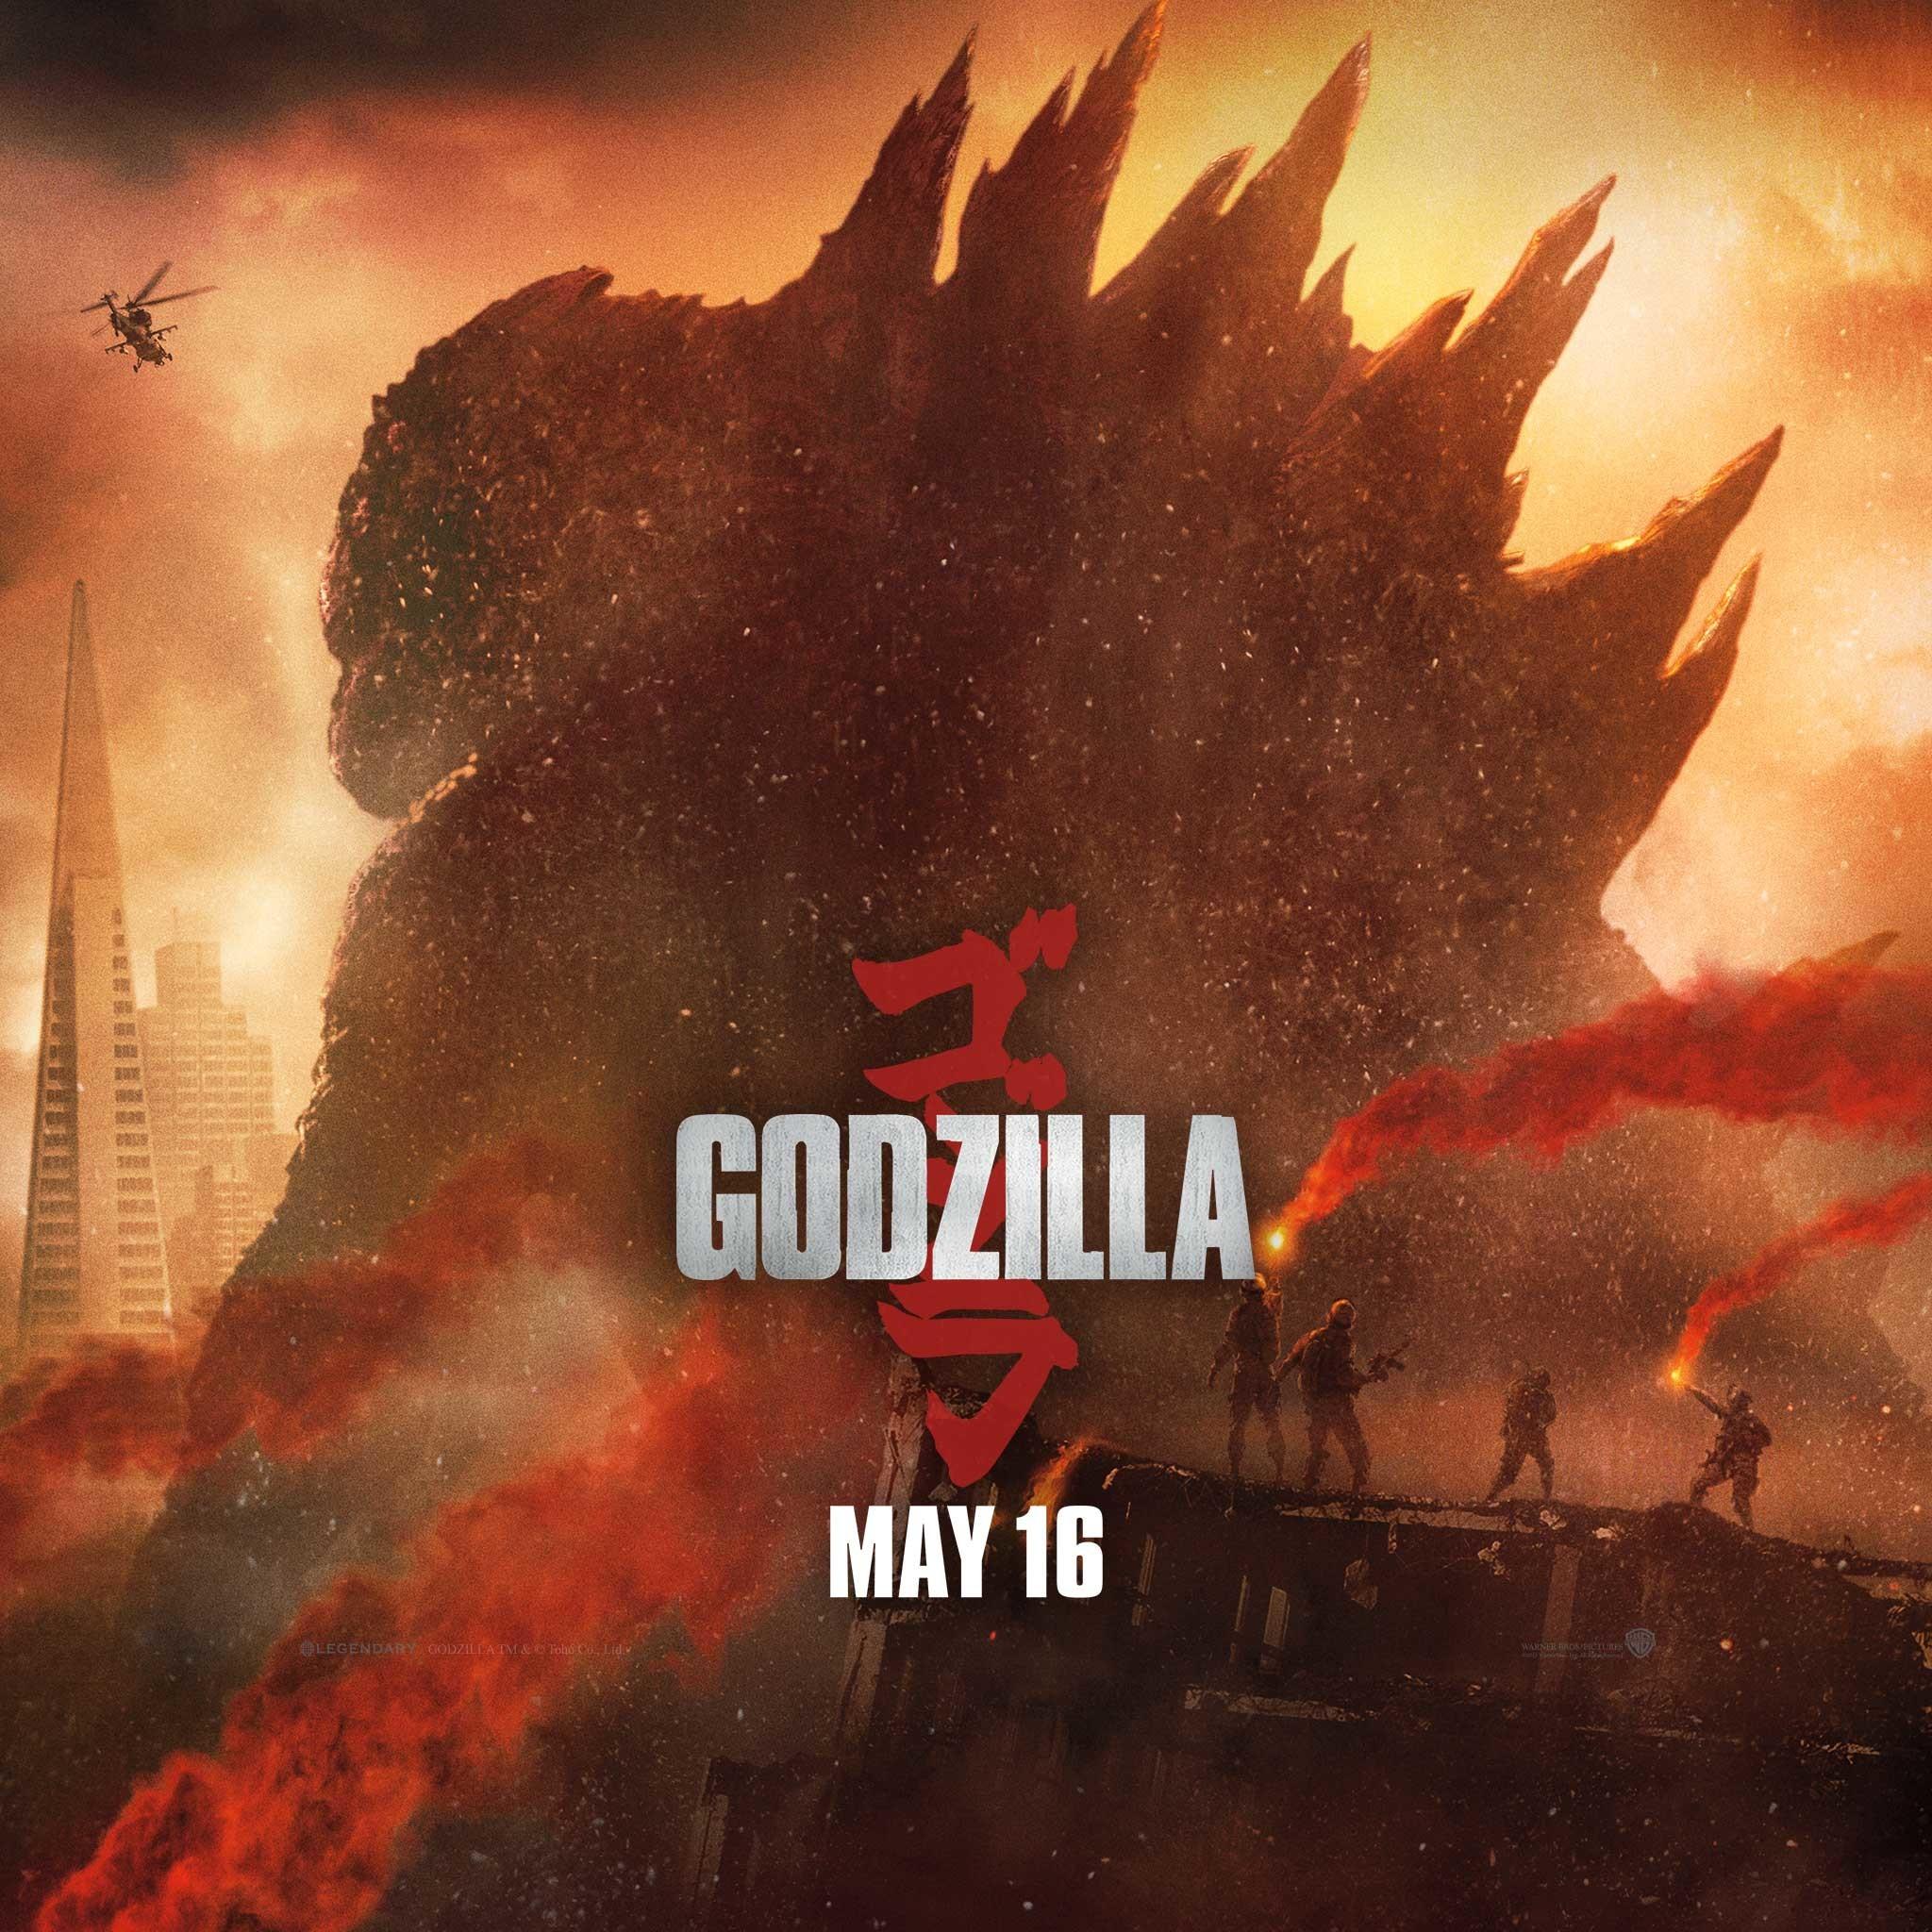 … Godzilla-movie-2014-wallpaper-ipad …